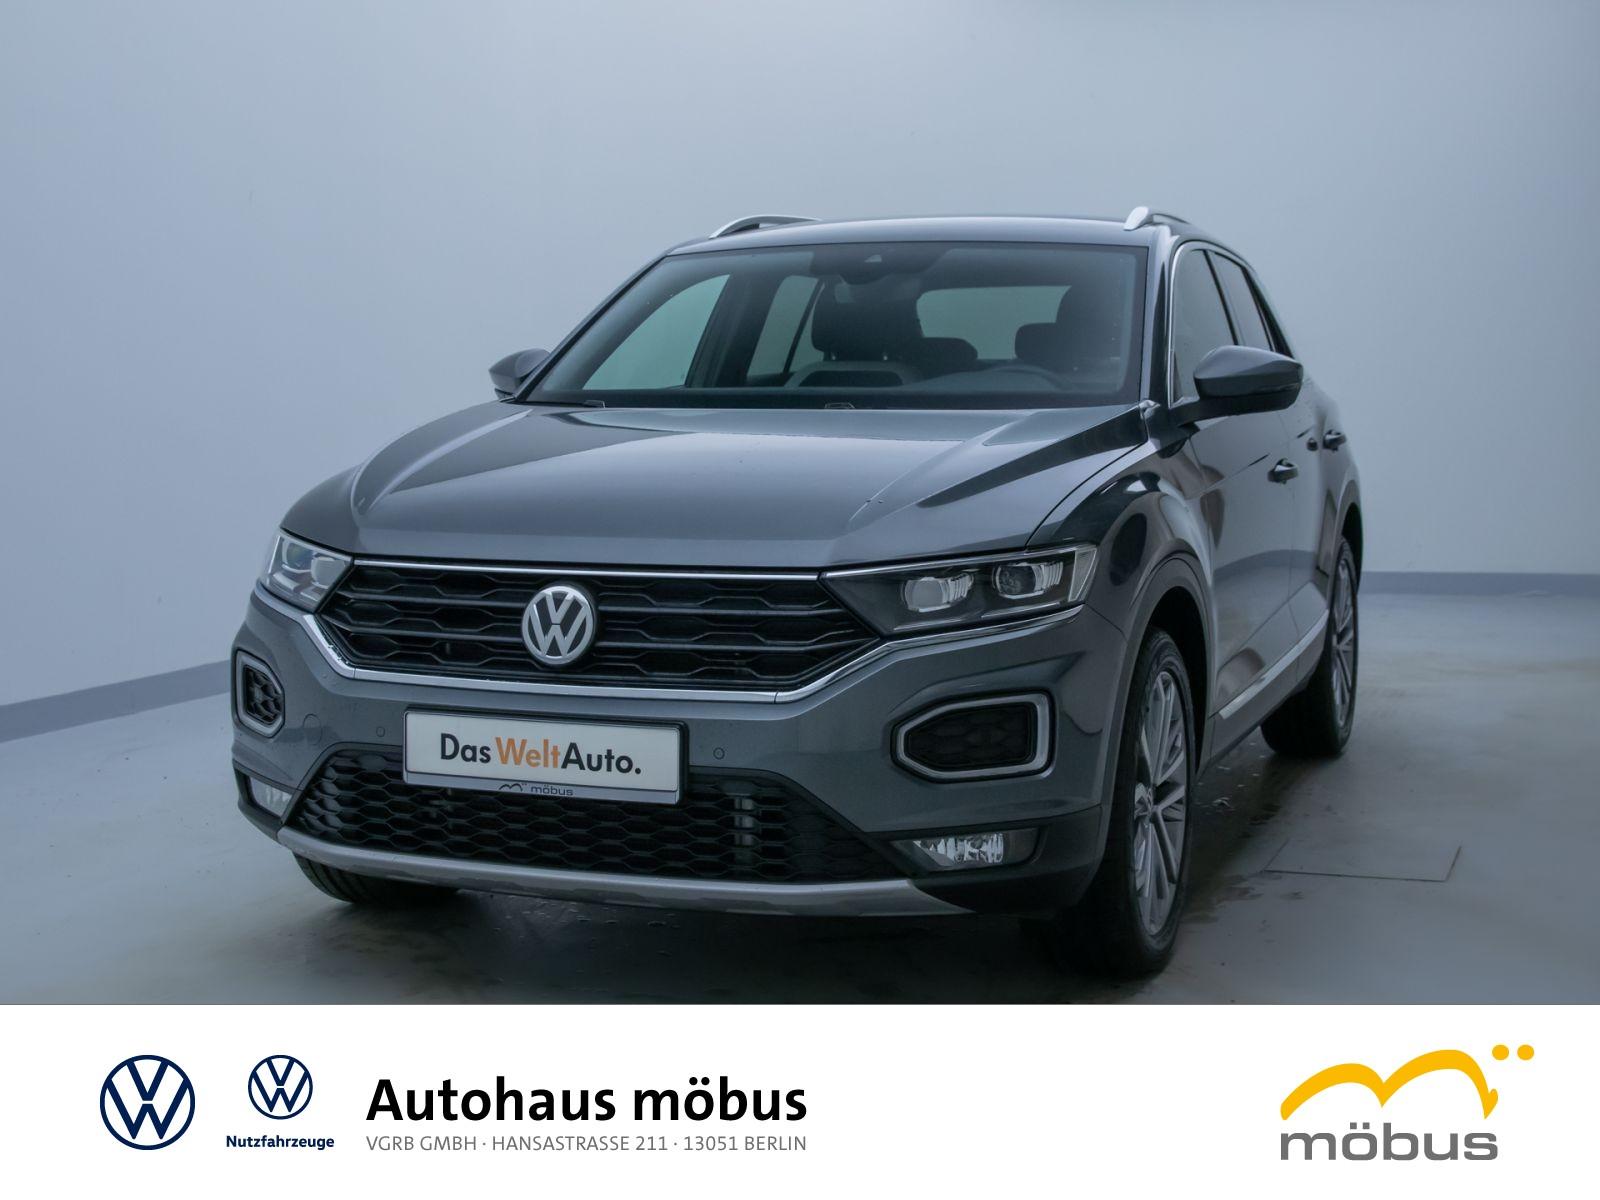 Volkswagen T-ROC 1.5 TSI DSG*SPORT*AID*RFK*DAB*PDC*APP*LED*, Jahr 2019, Benzin